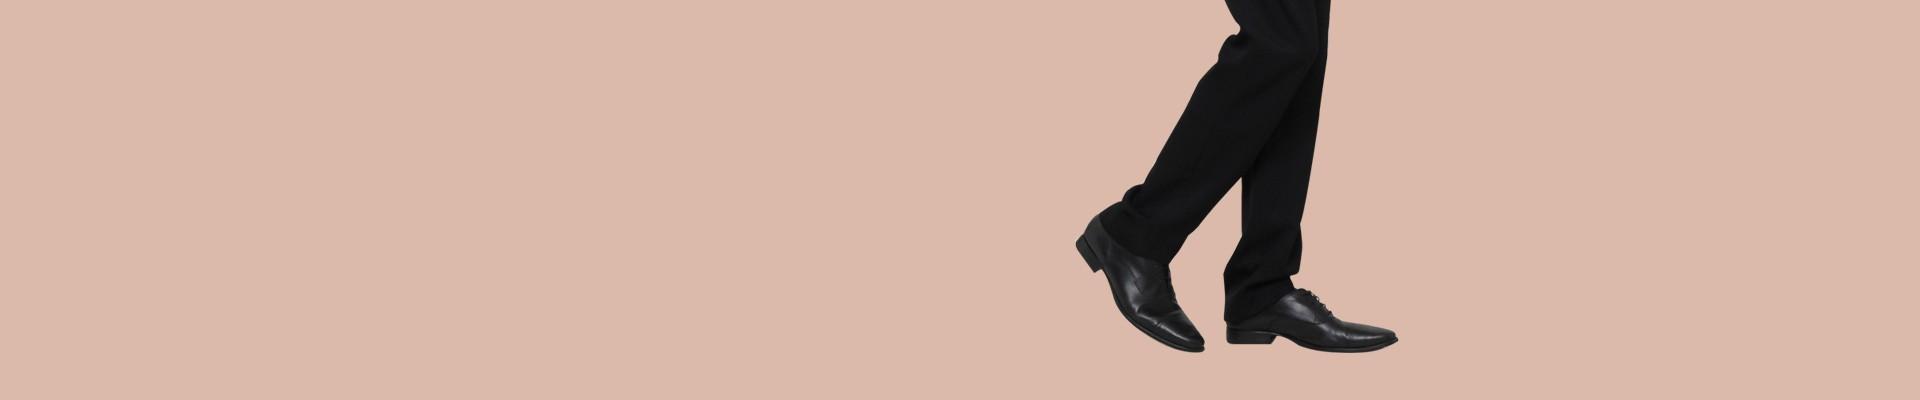 Jual Sepatu Pantofel   Formal Pria Model Terbaru - Harga Terbaik ... 5eaae90a95